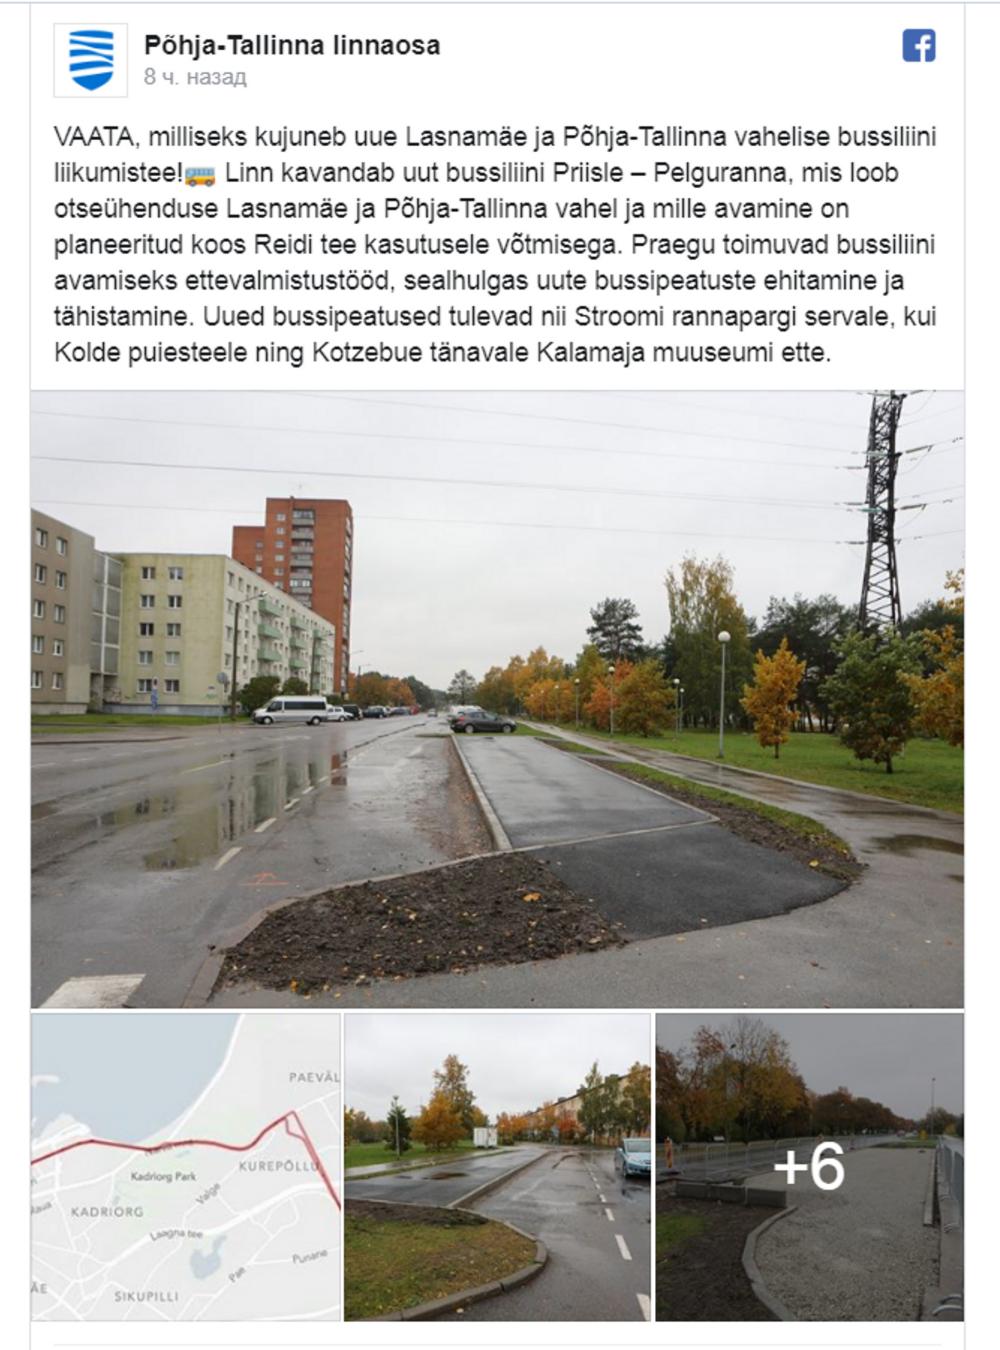 Страничка Управы Пыхья-Таллина в Facebook.